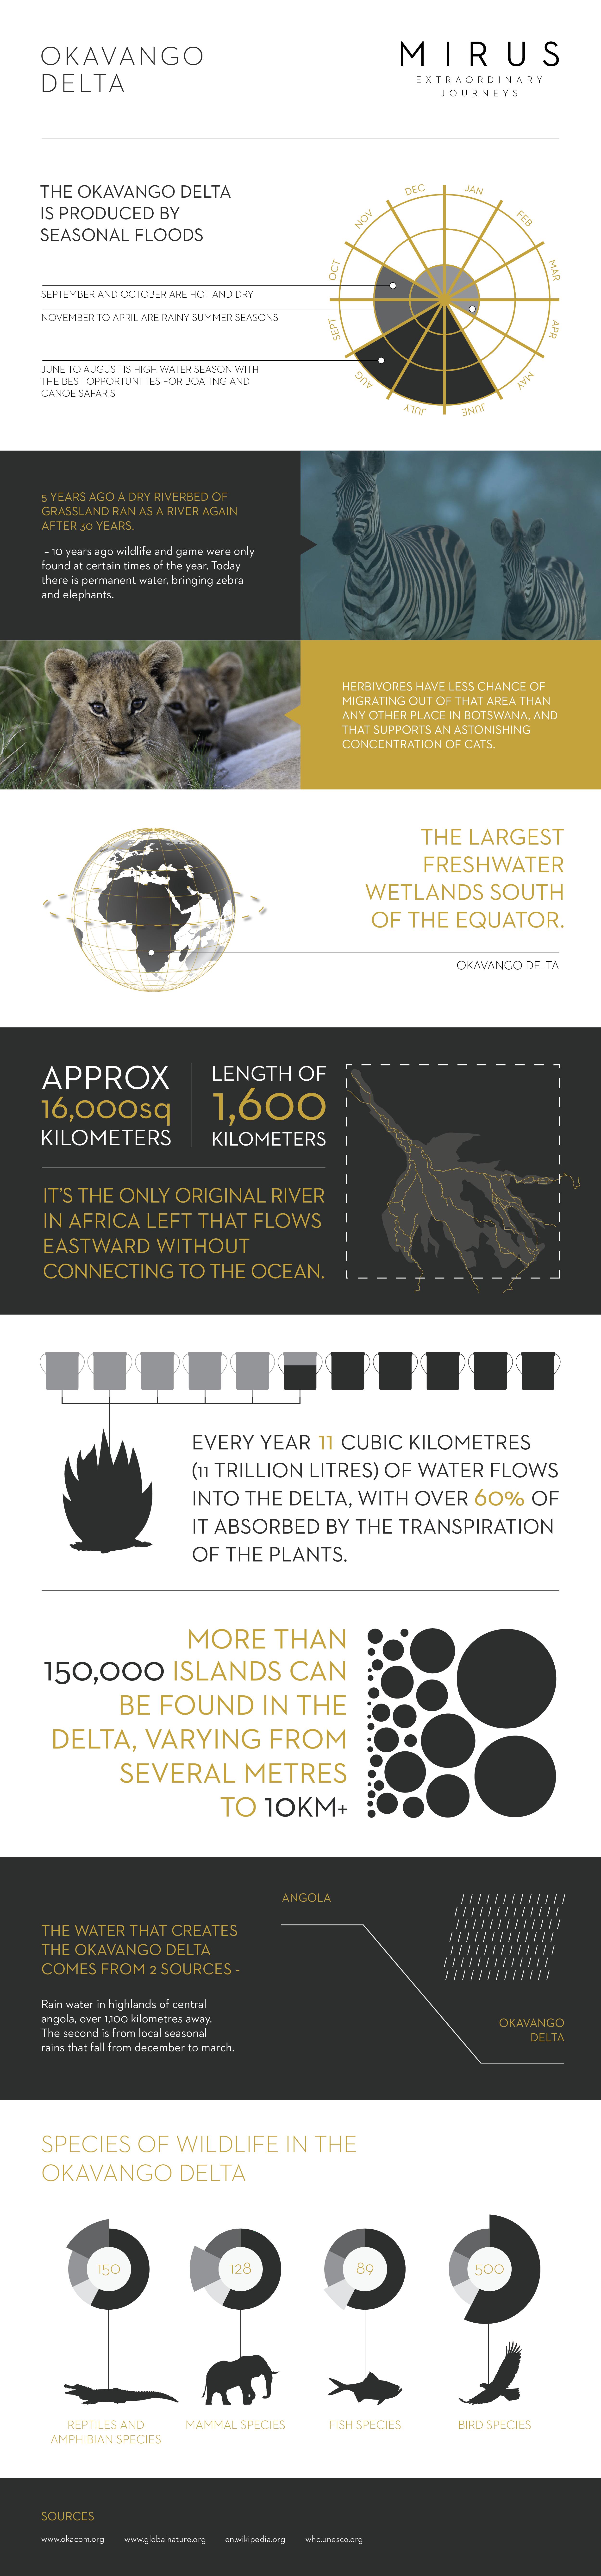 Okavango Delta infographic by Mirus Journeys